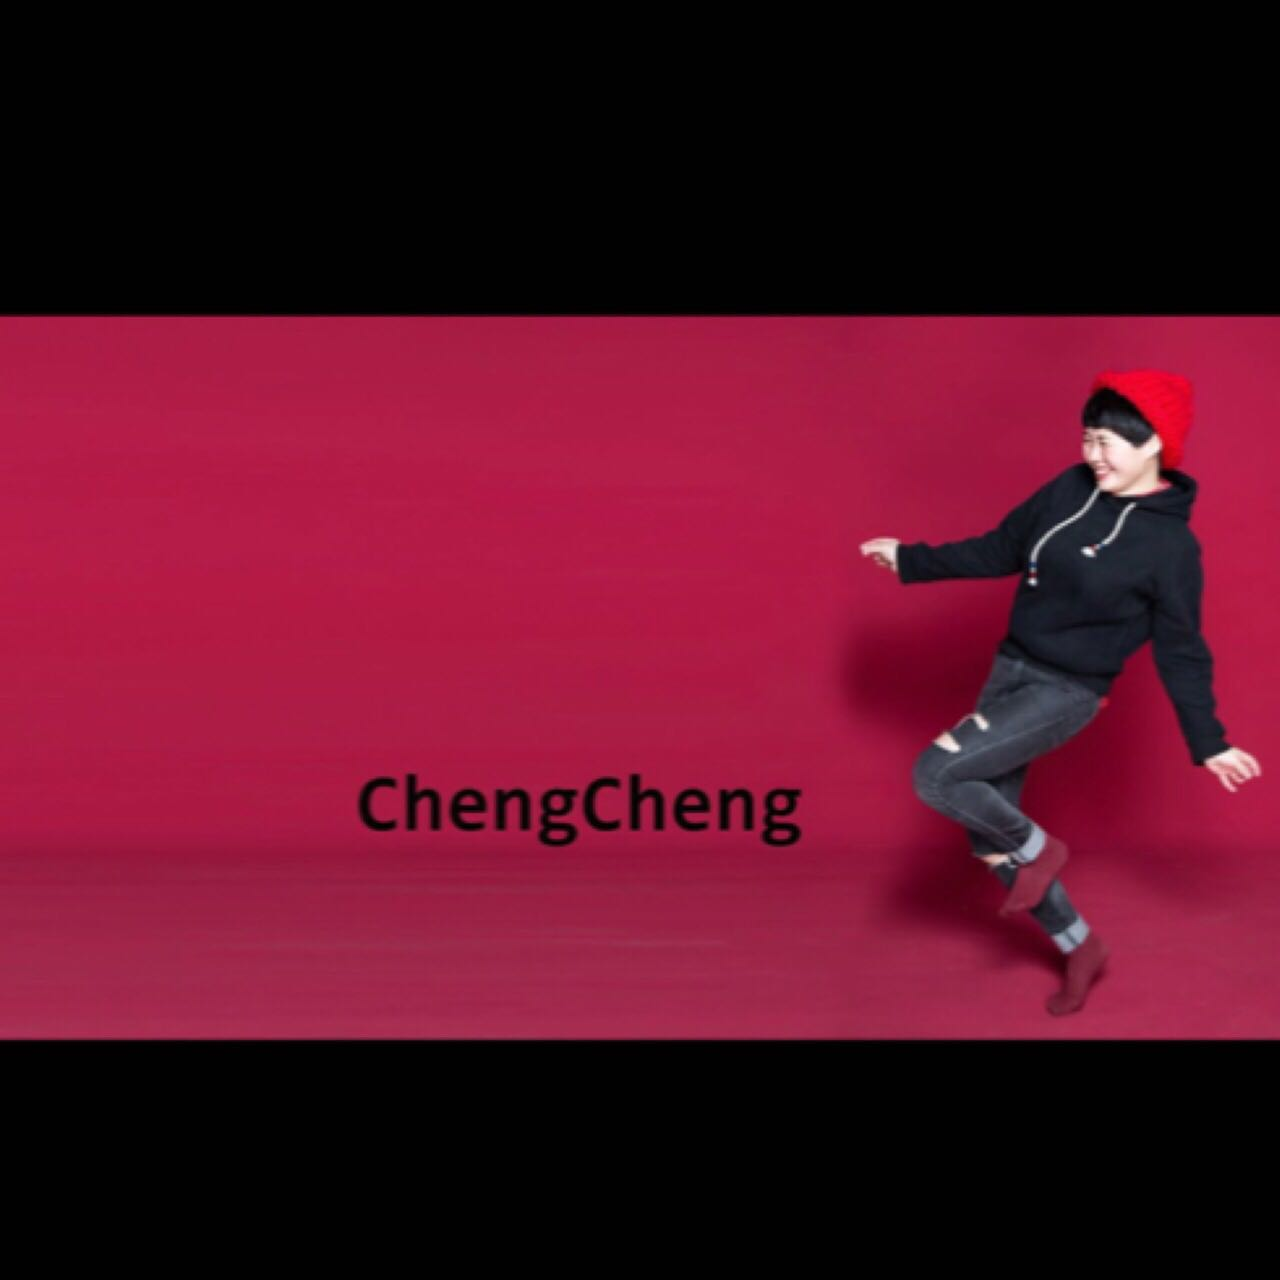 chengchengerl